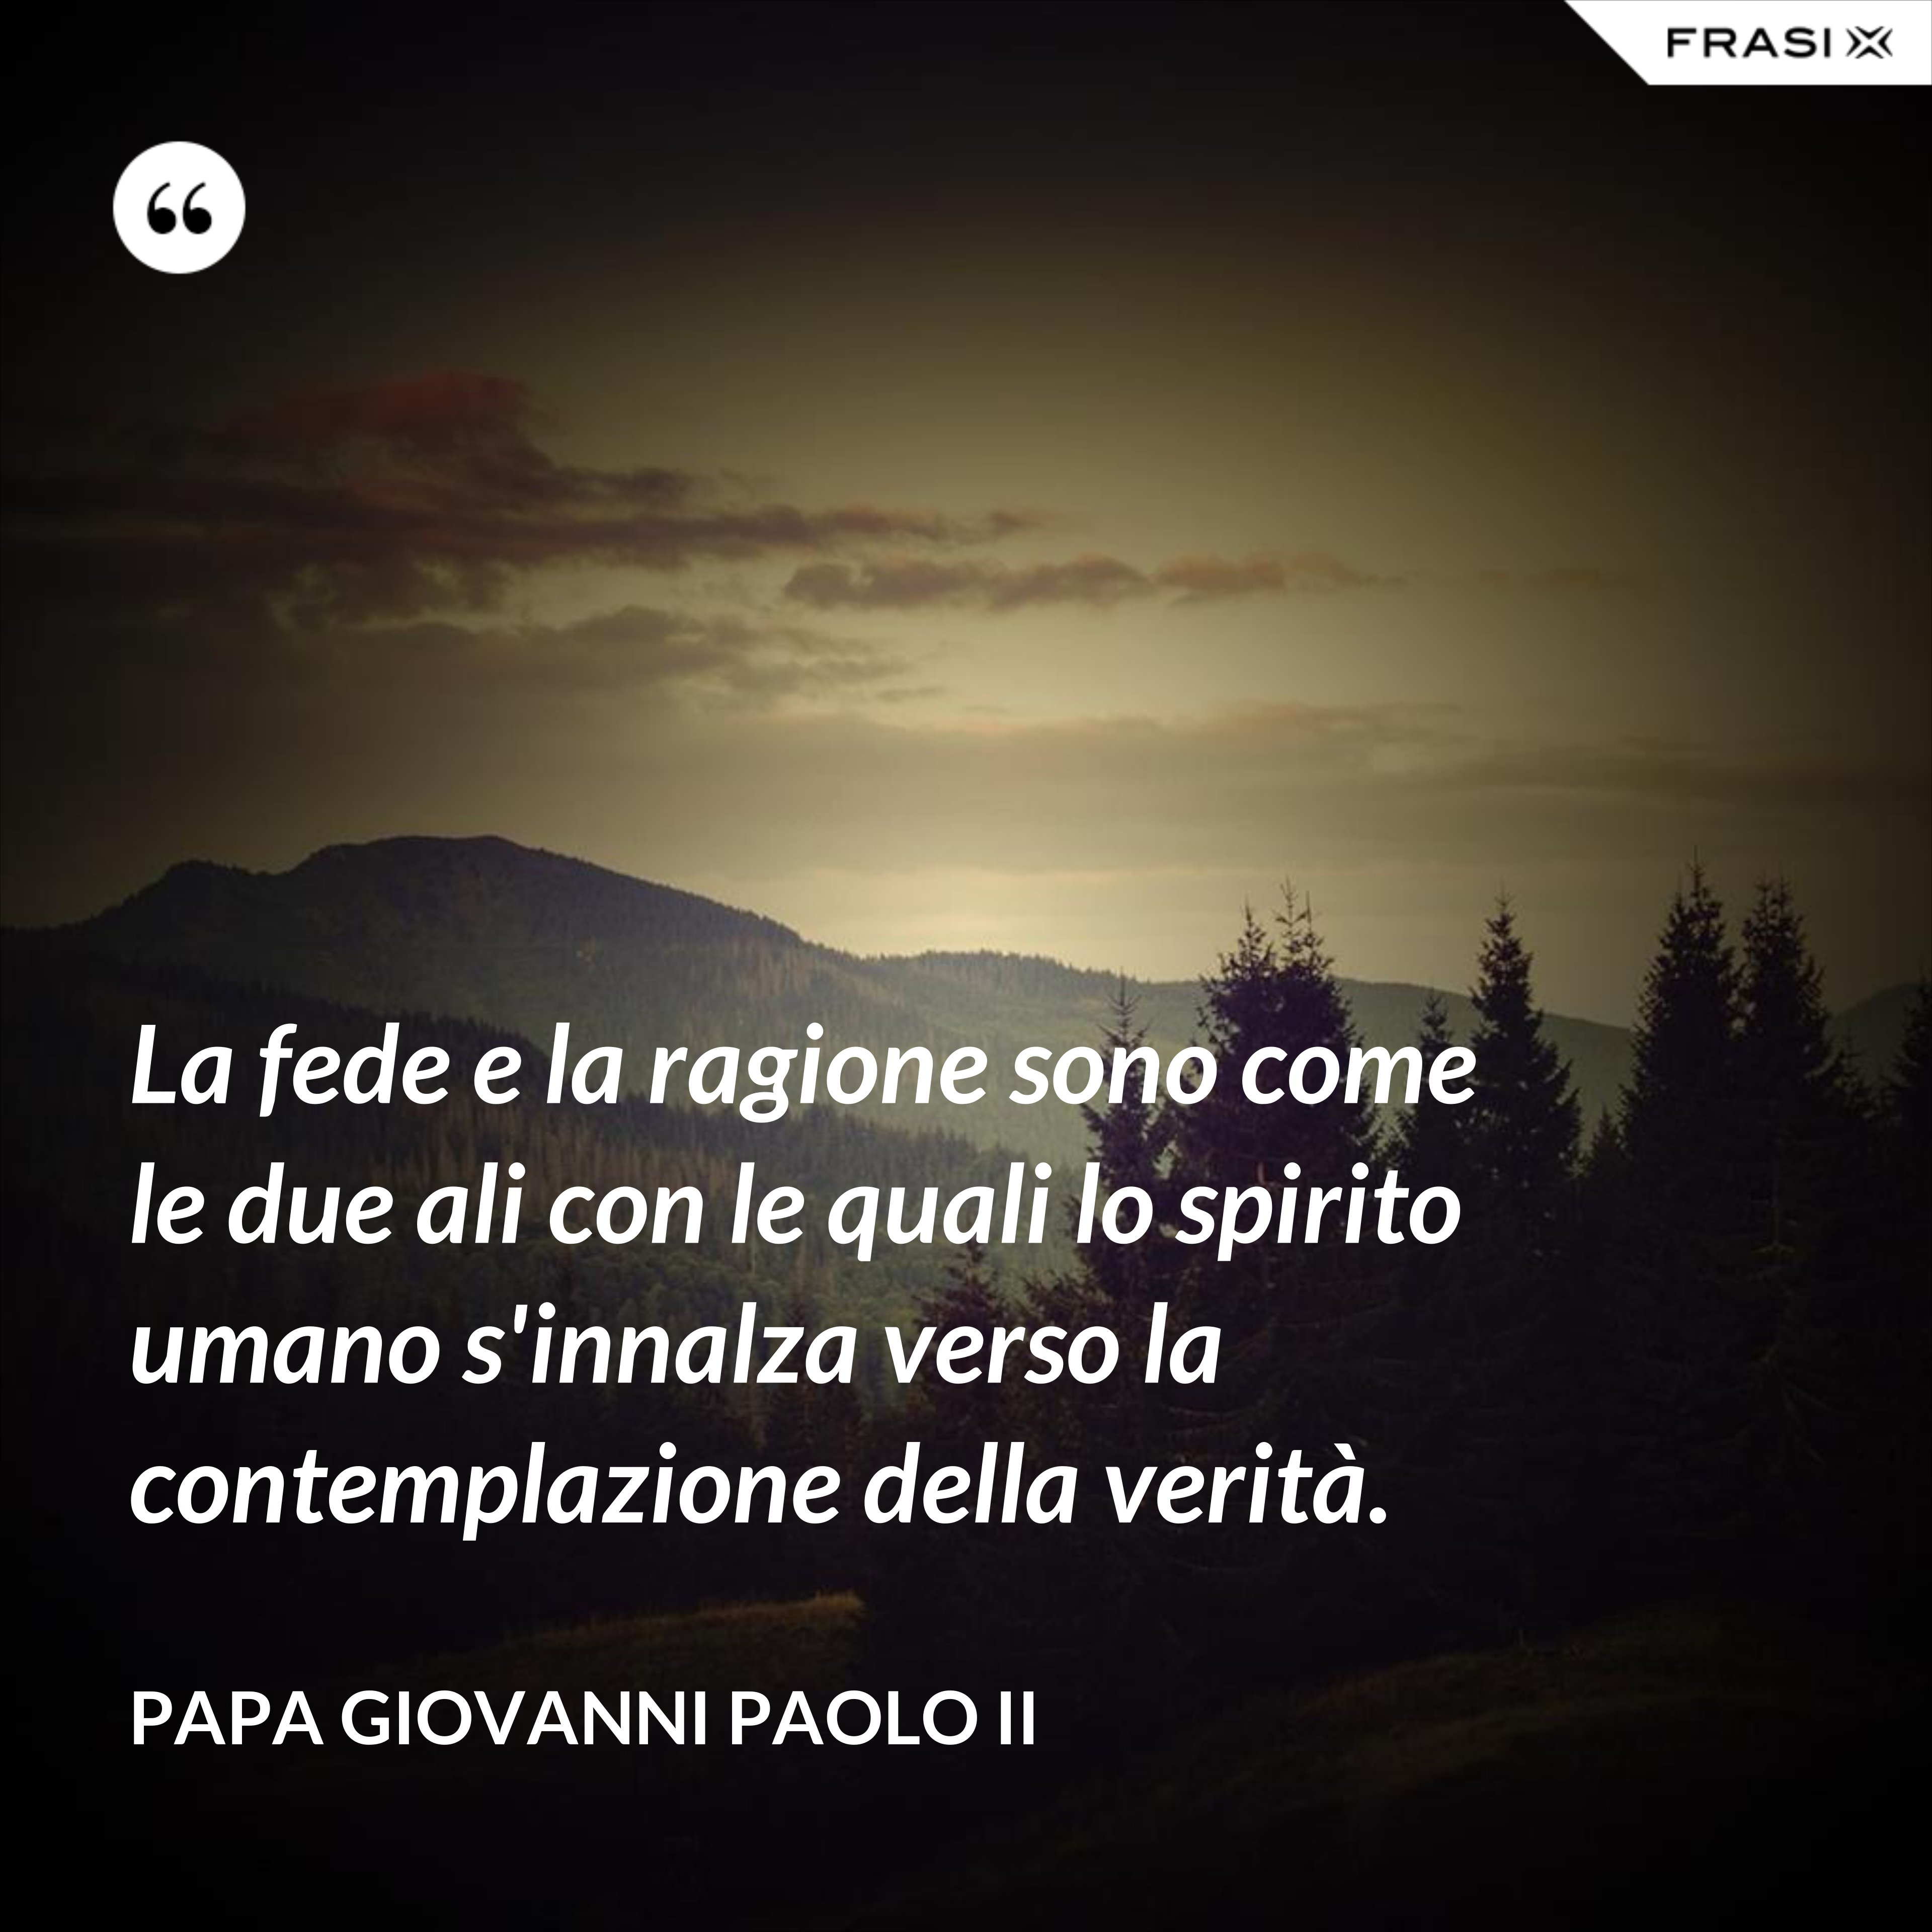 La fede e la ragione sono come le due ali con le quali lo spirito umano s'innalza verso la contemplazione della verità. - Papa Giovanni Paolo II